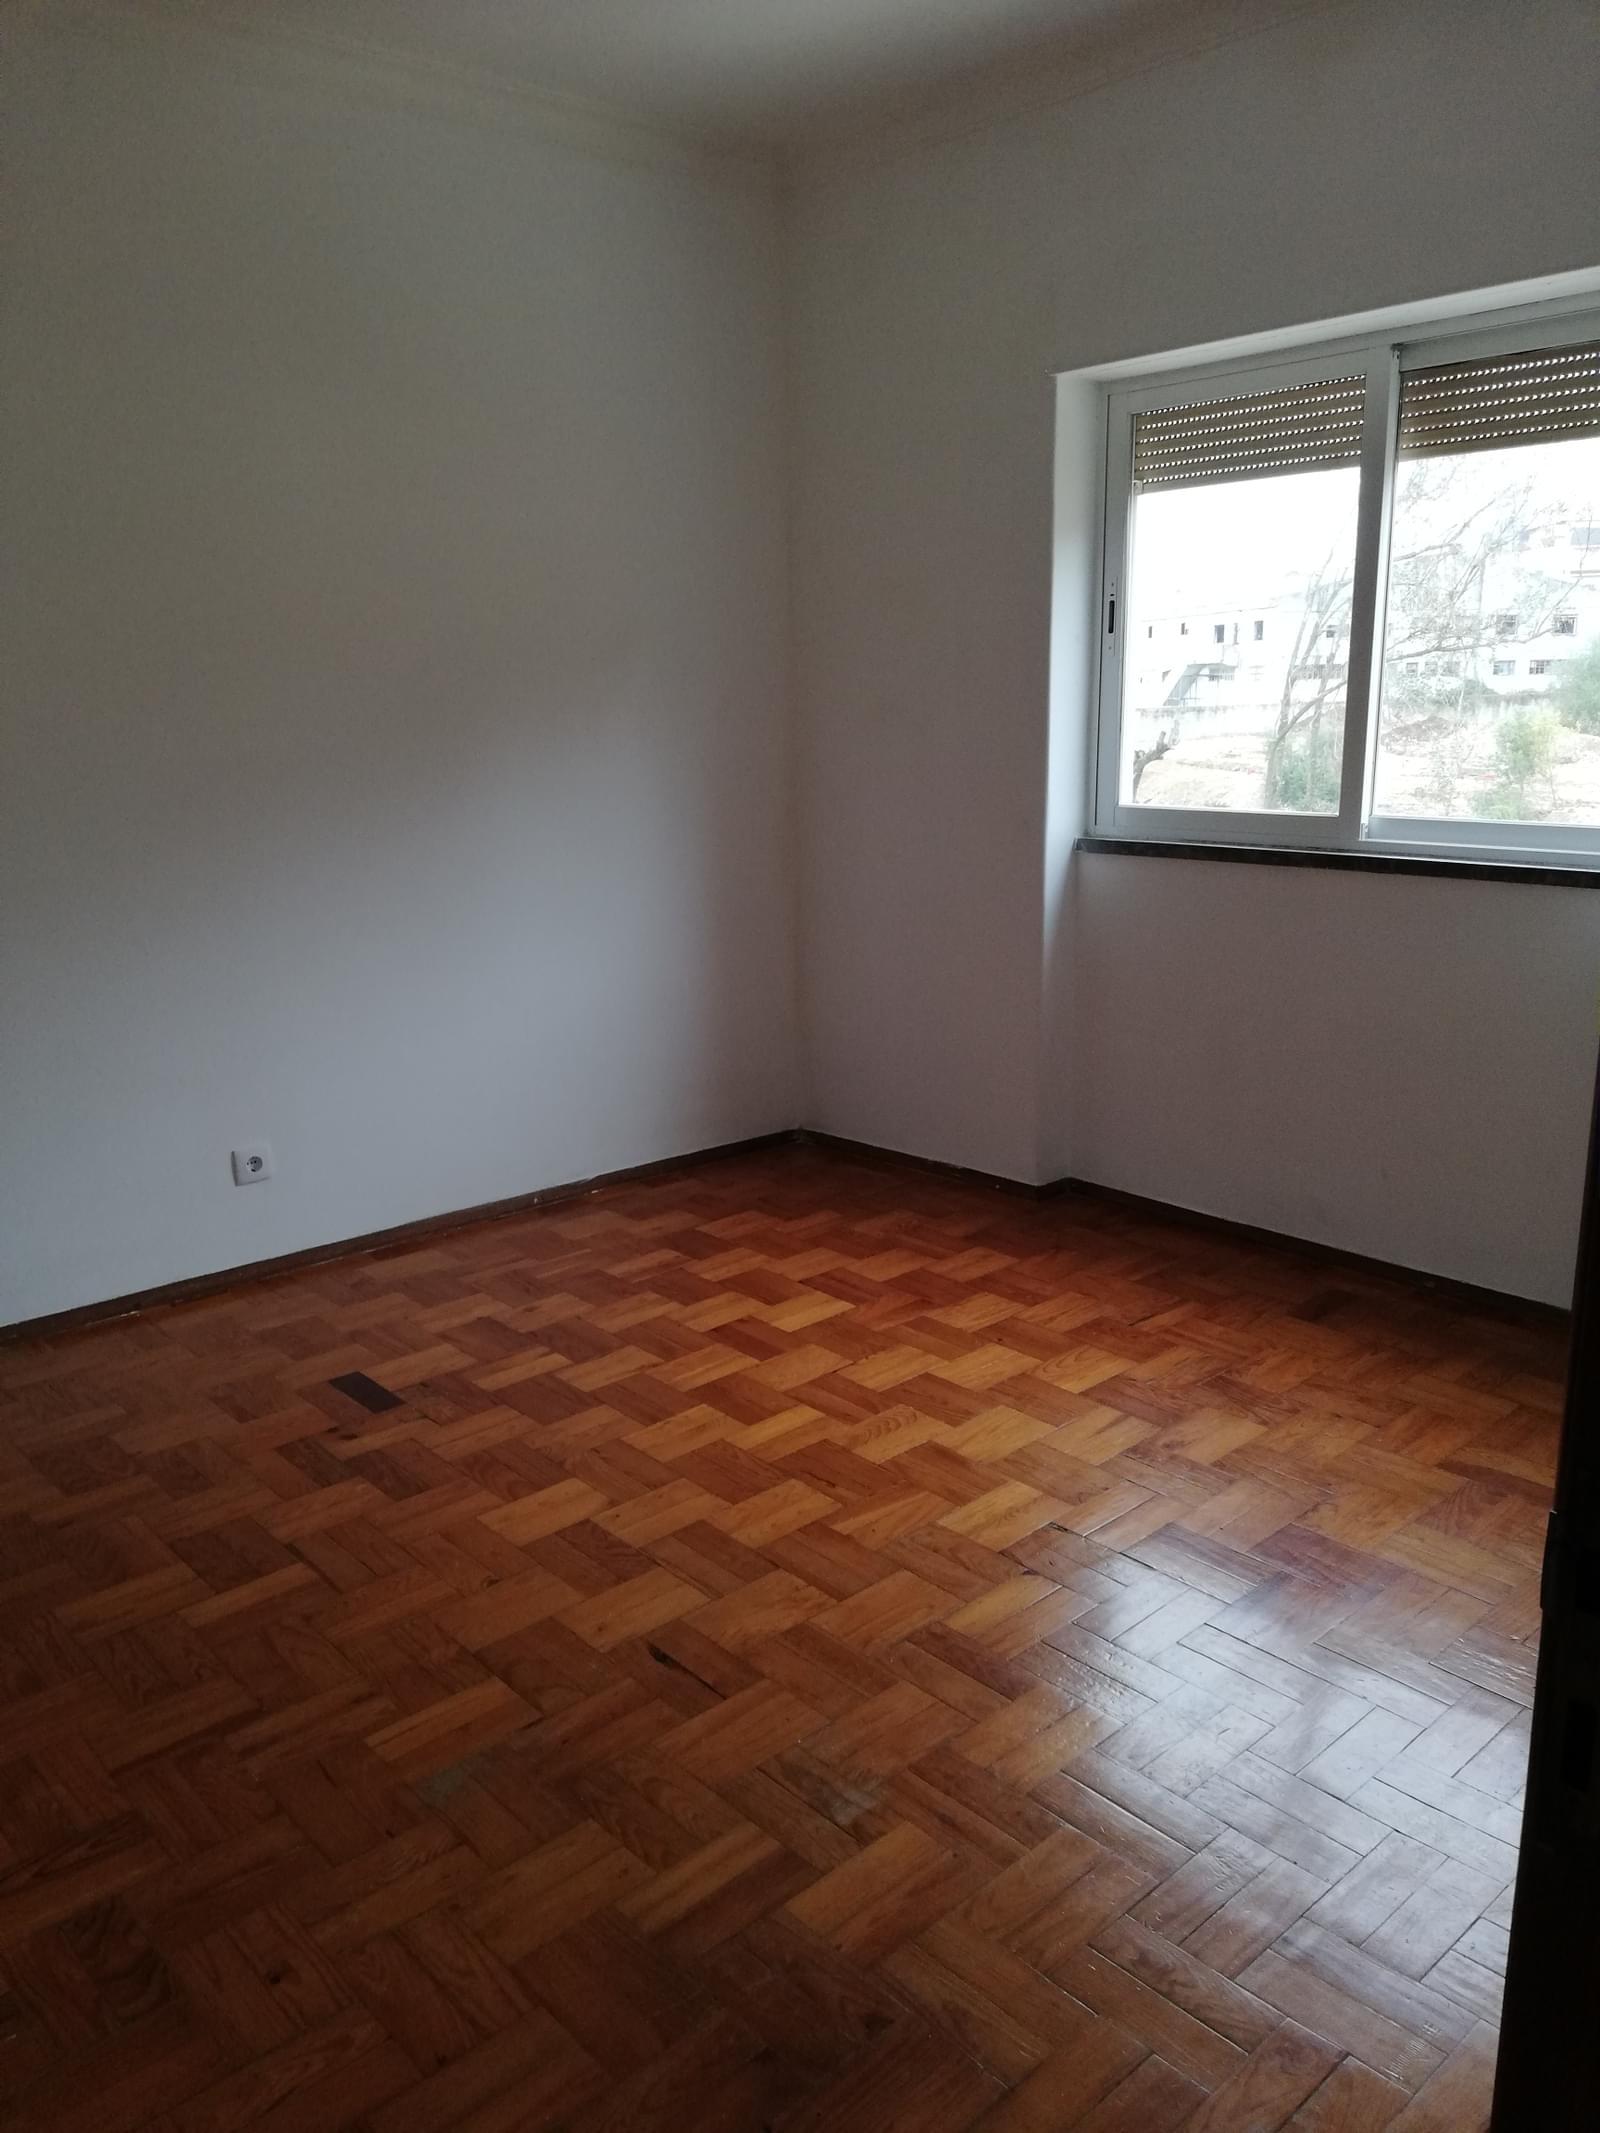 pf19207-apartamento-t2-cascais-273e5f2b-d66e-432d-8de5-844c992c8041